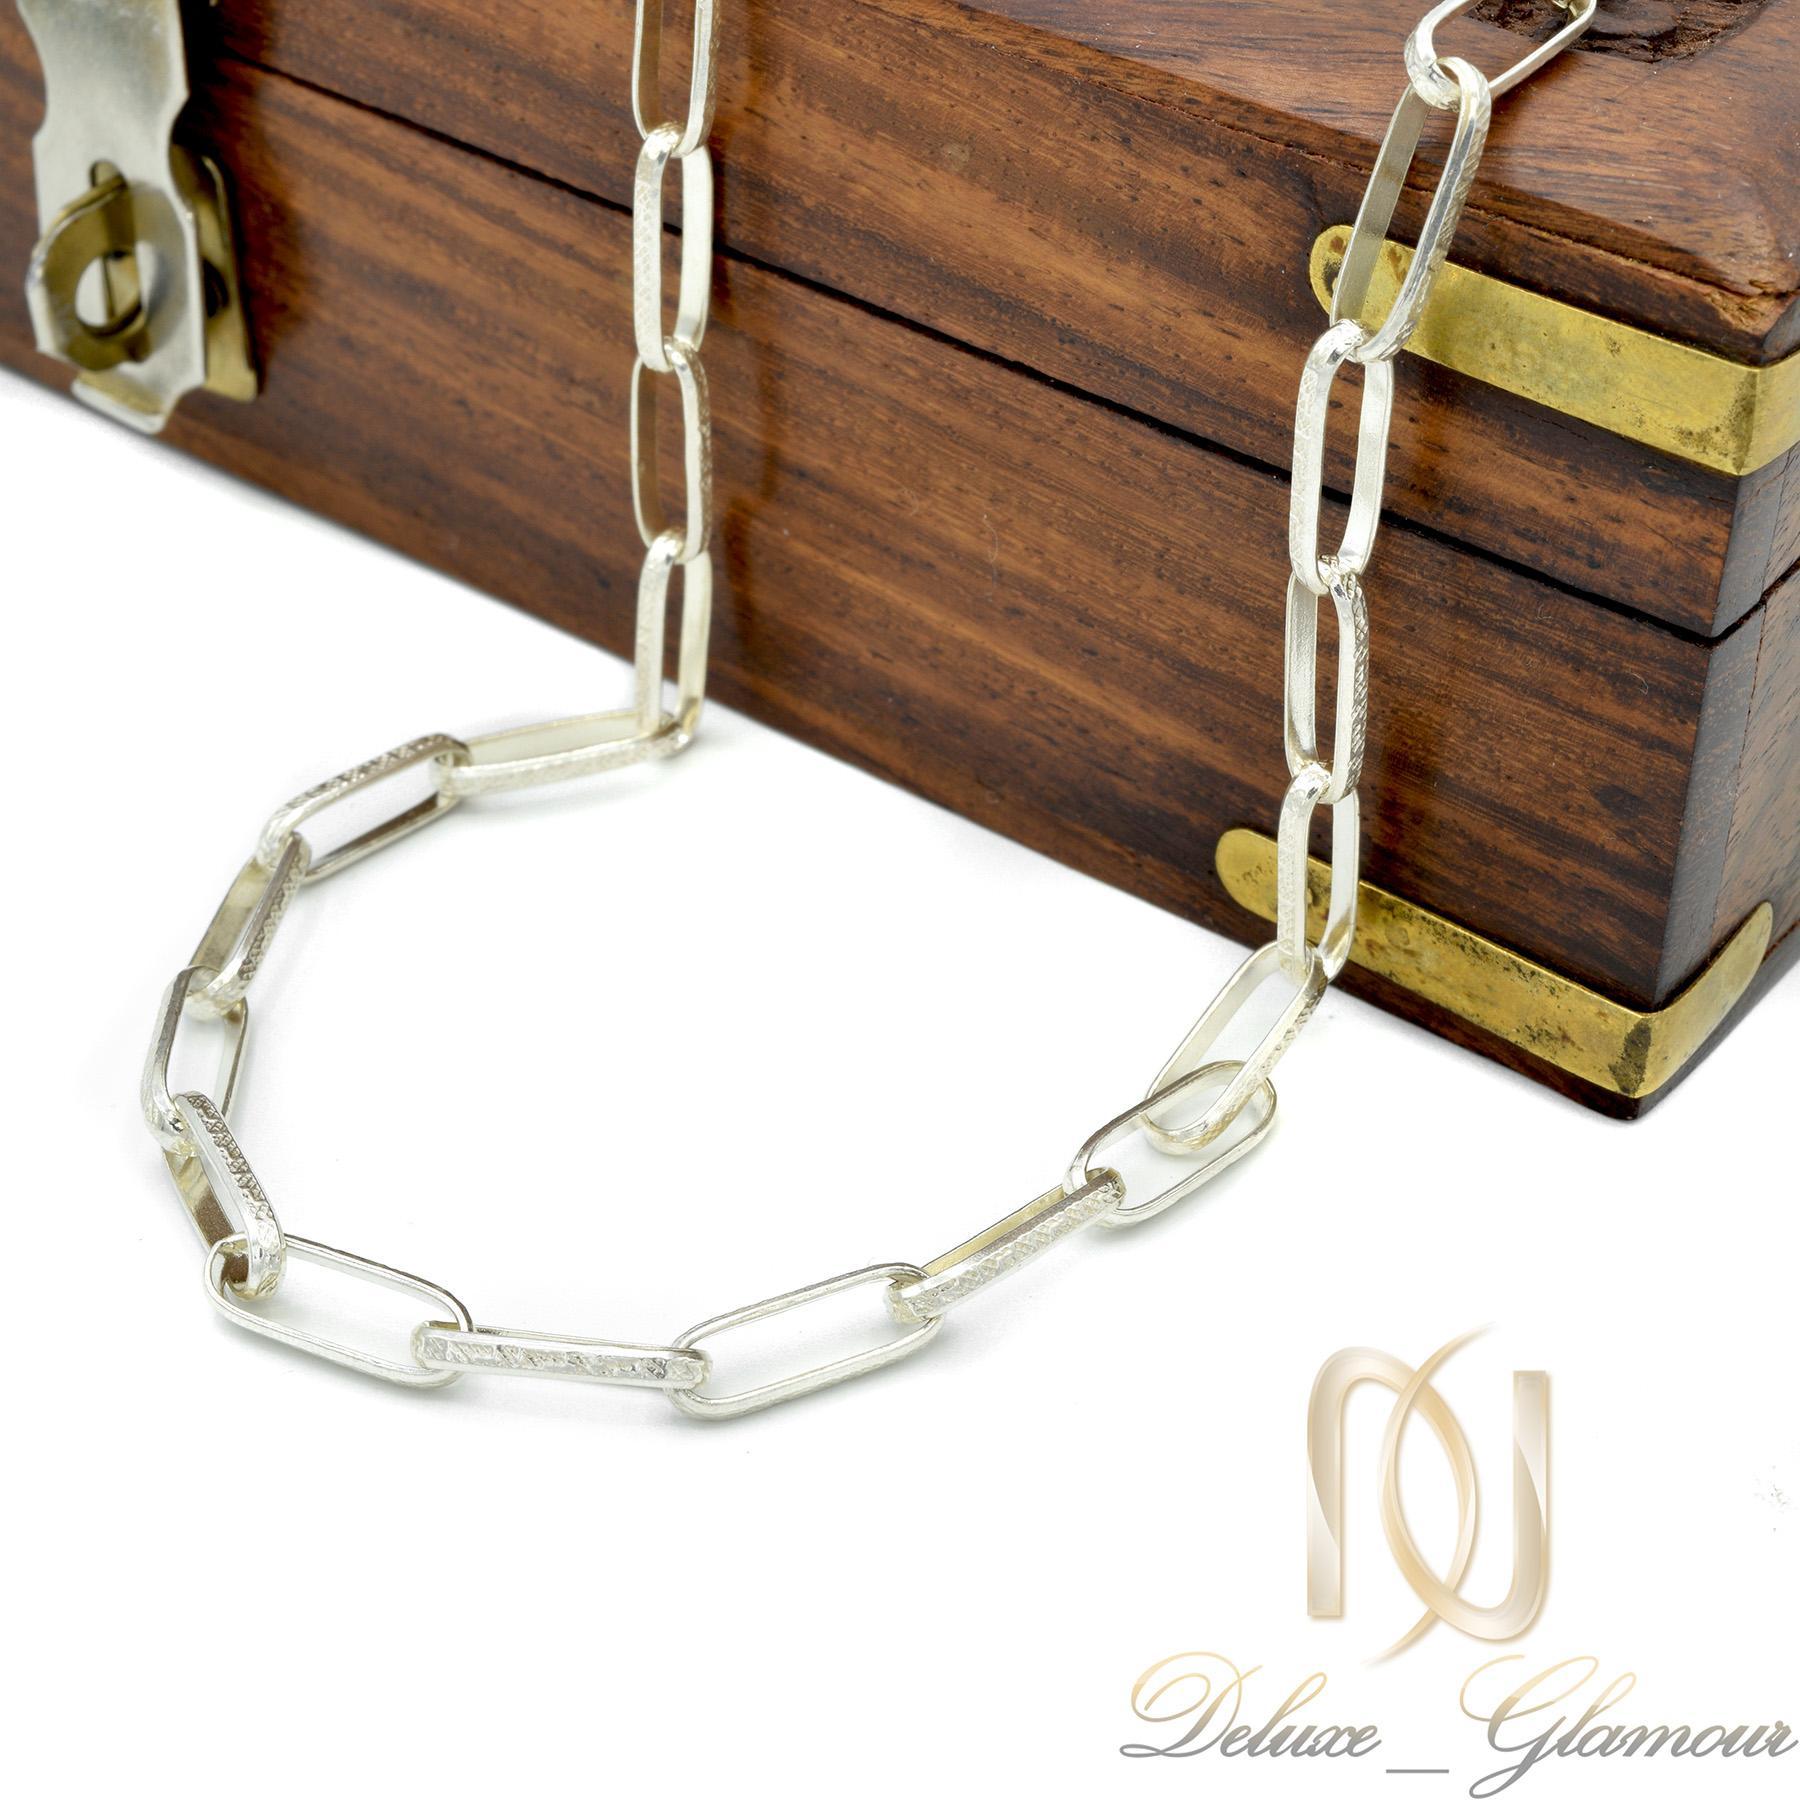 زنجیر مردانه نقره طرح کابلی 60 سانتی NW-N440 از نمای بالا